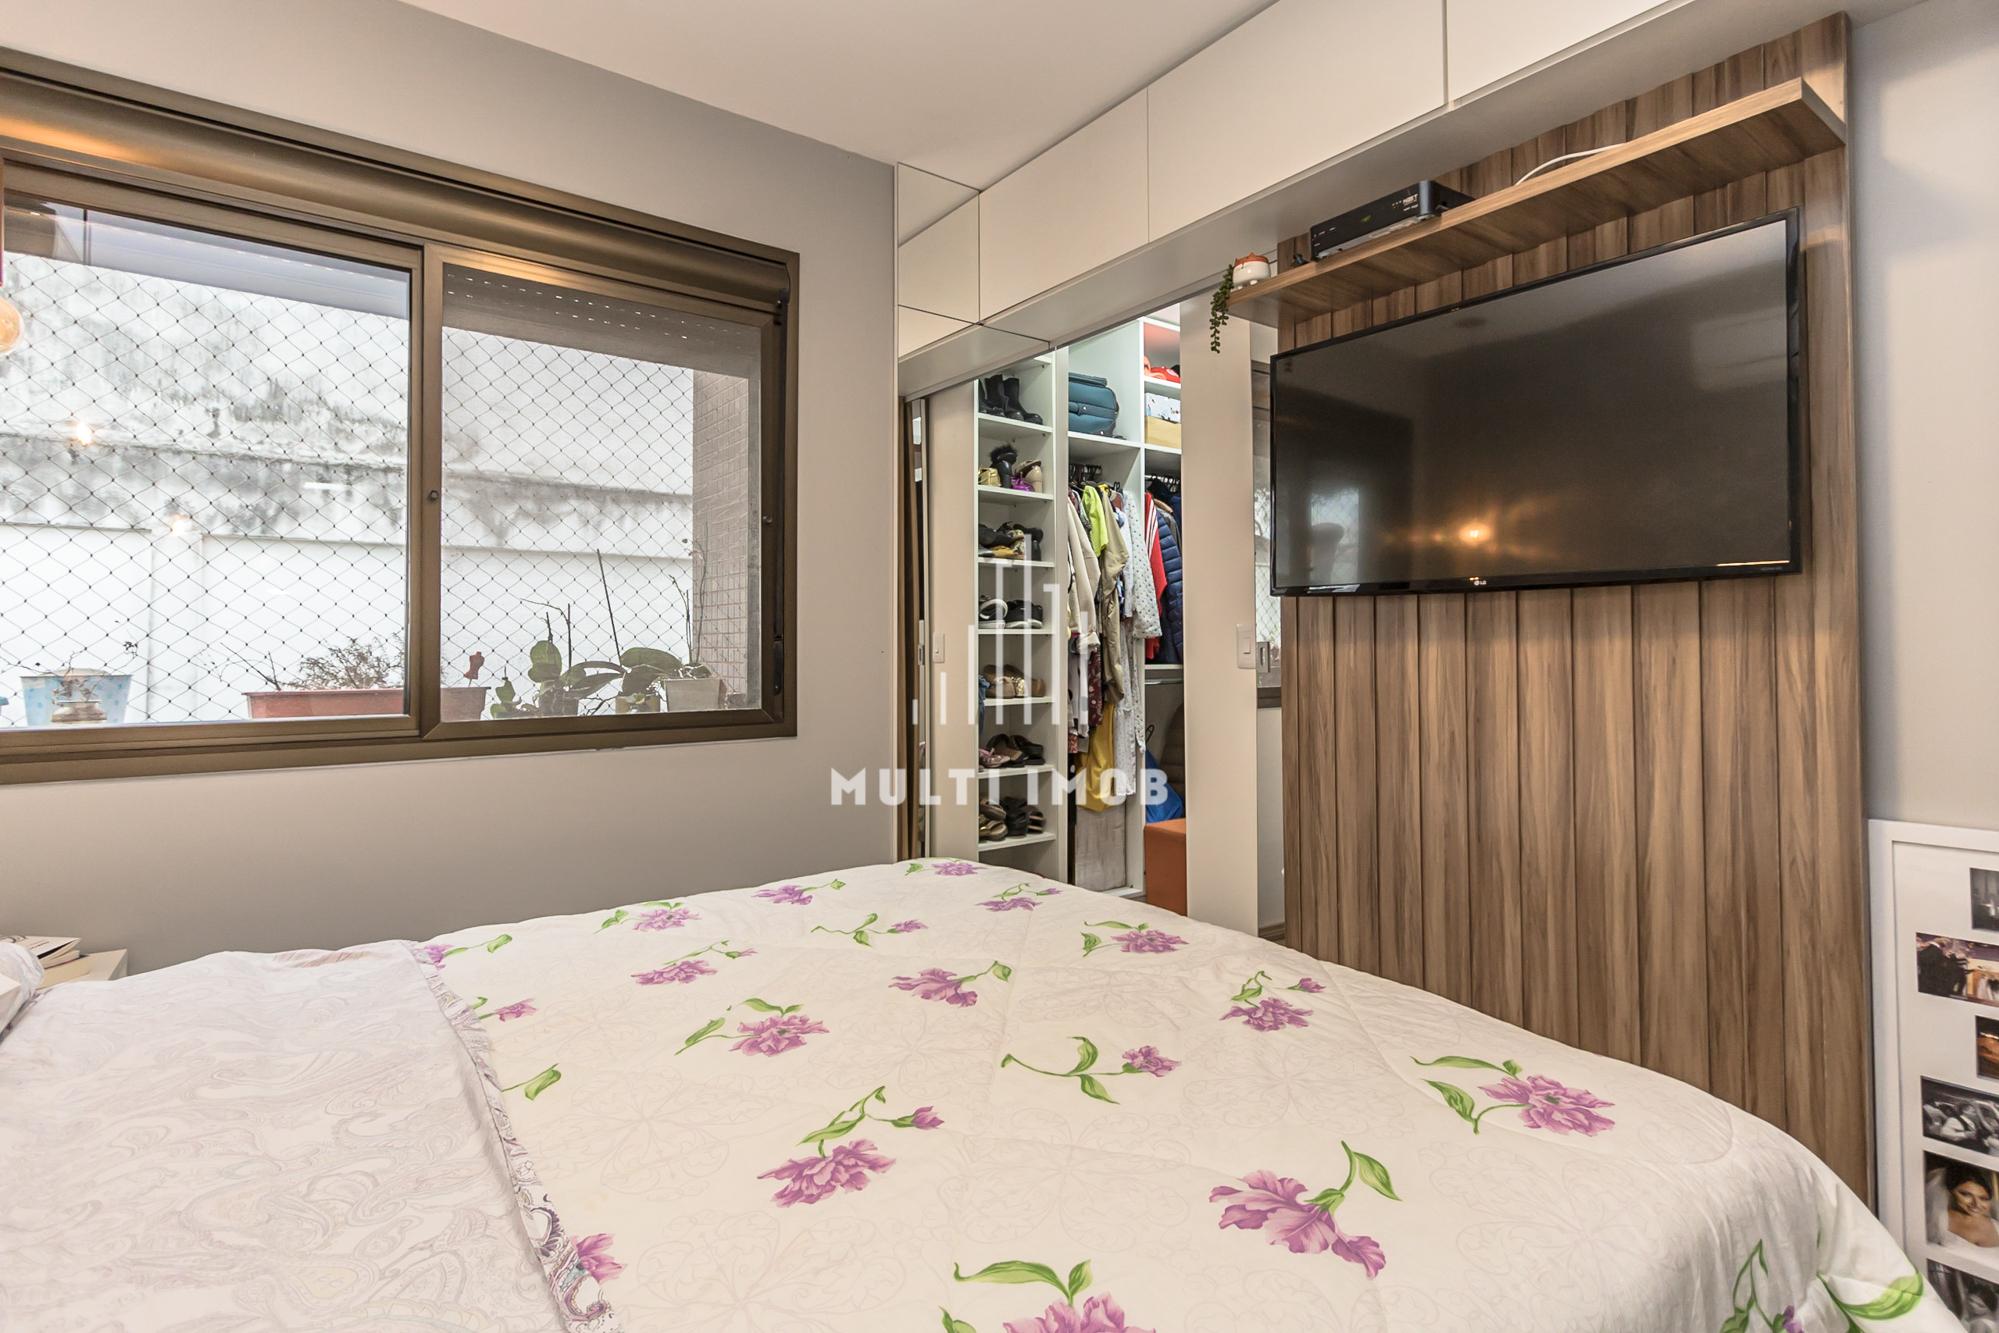 Apartamento com 88m² e 3 dormitórios no bairro Mont Serrat em Porto Alegre para Comprar